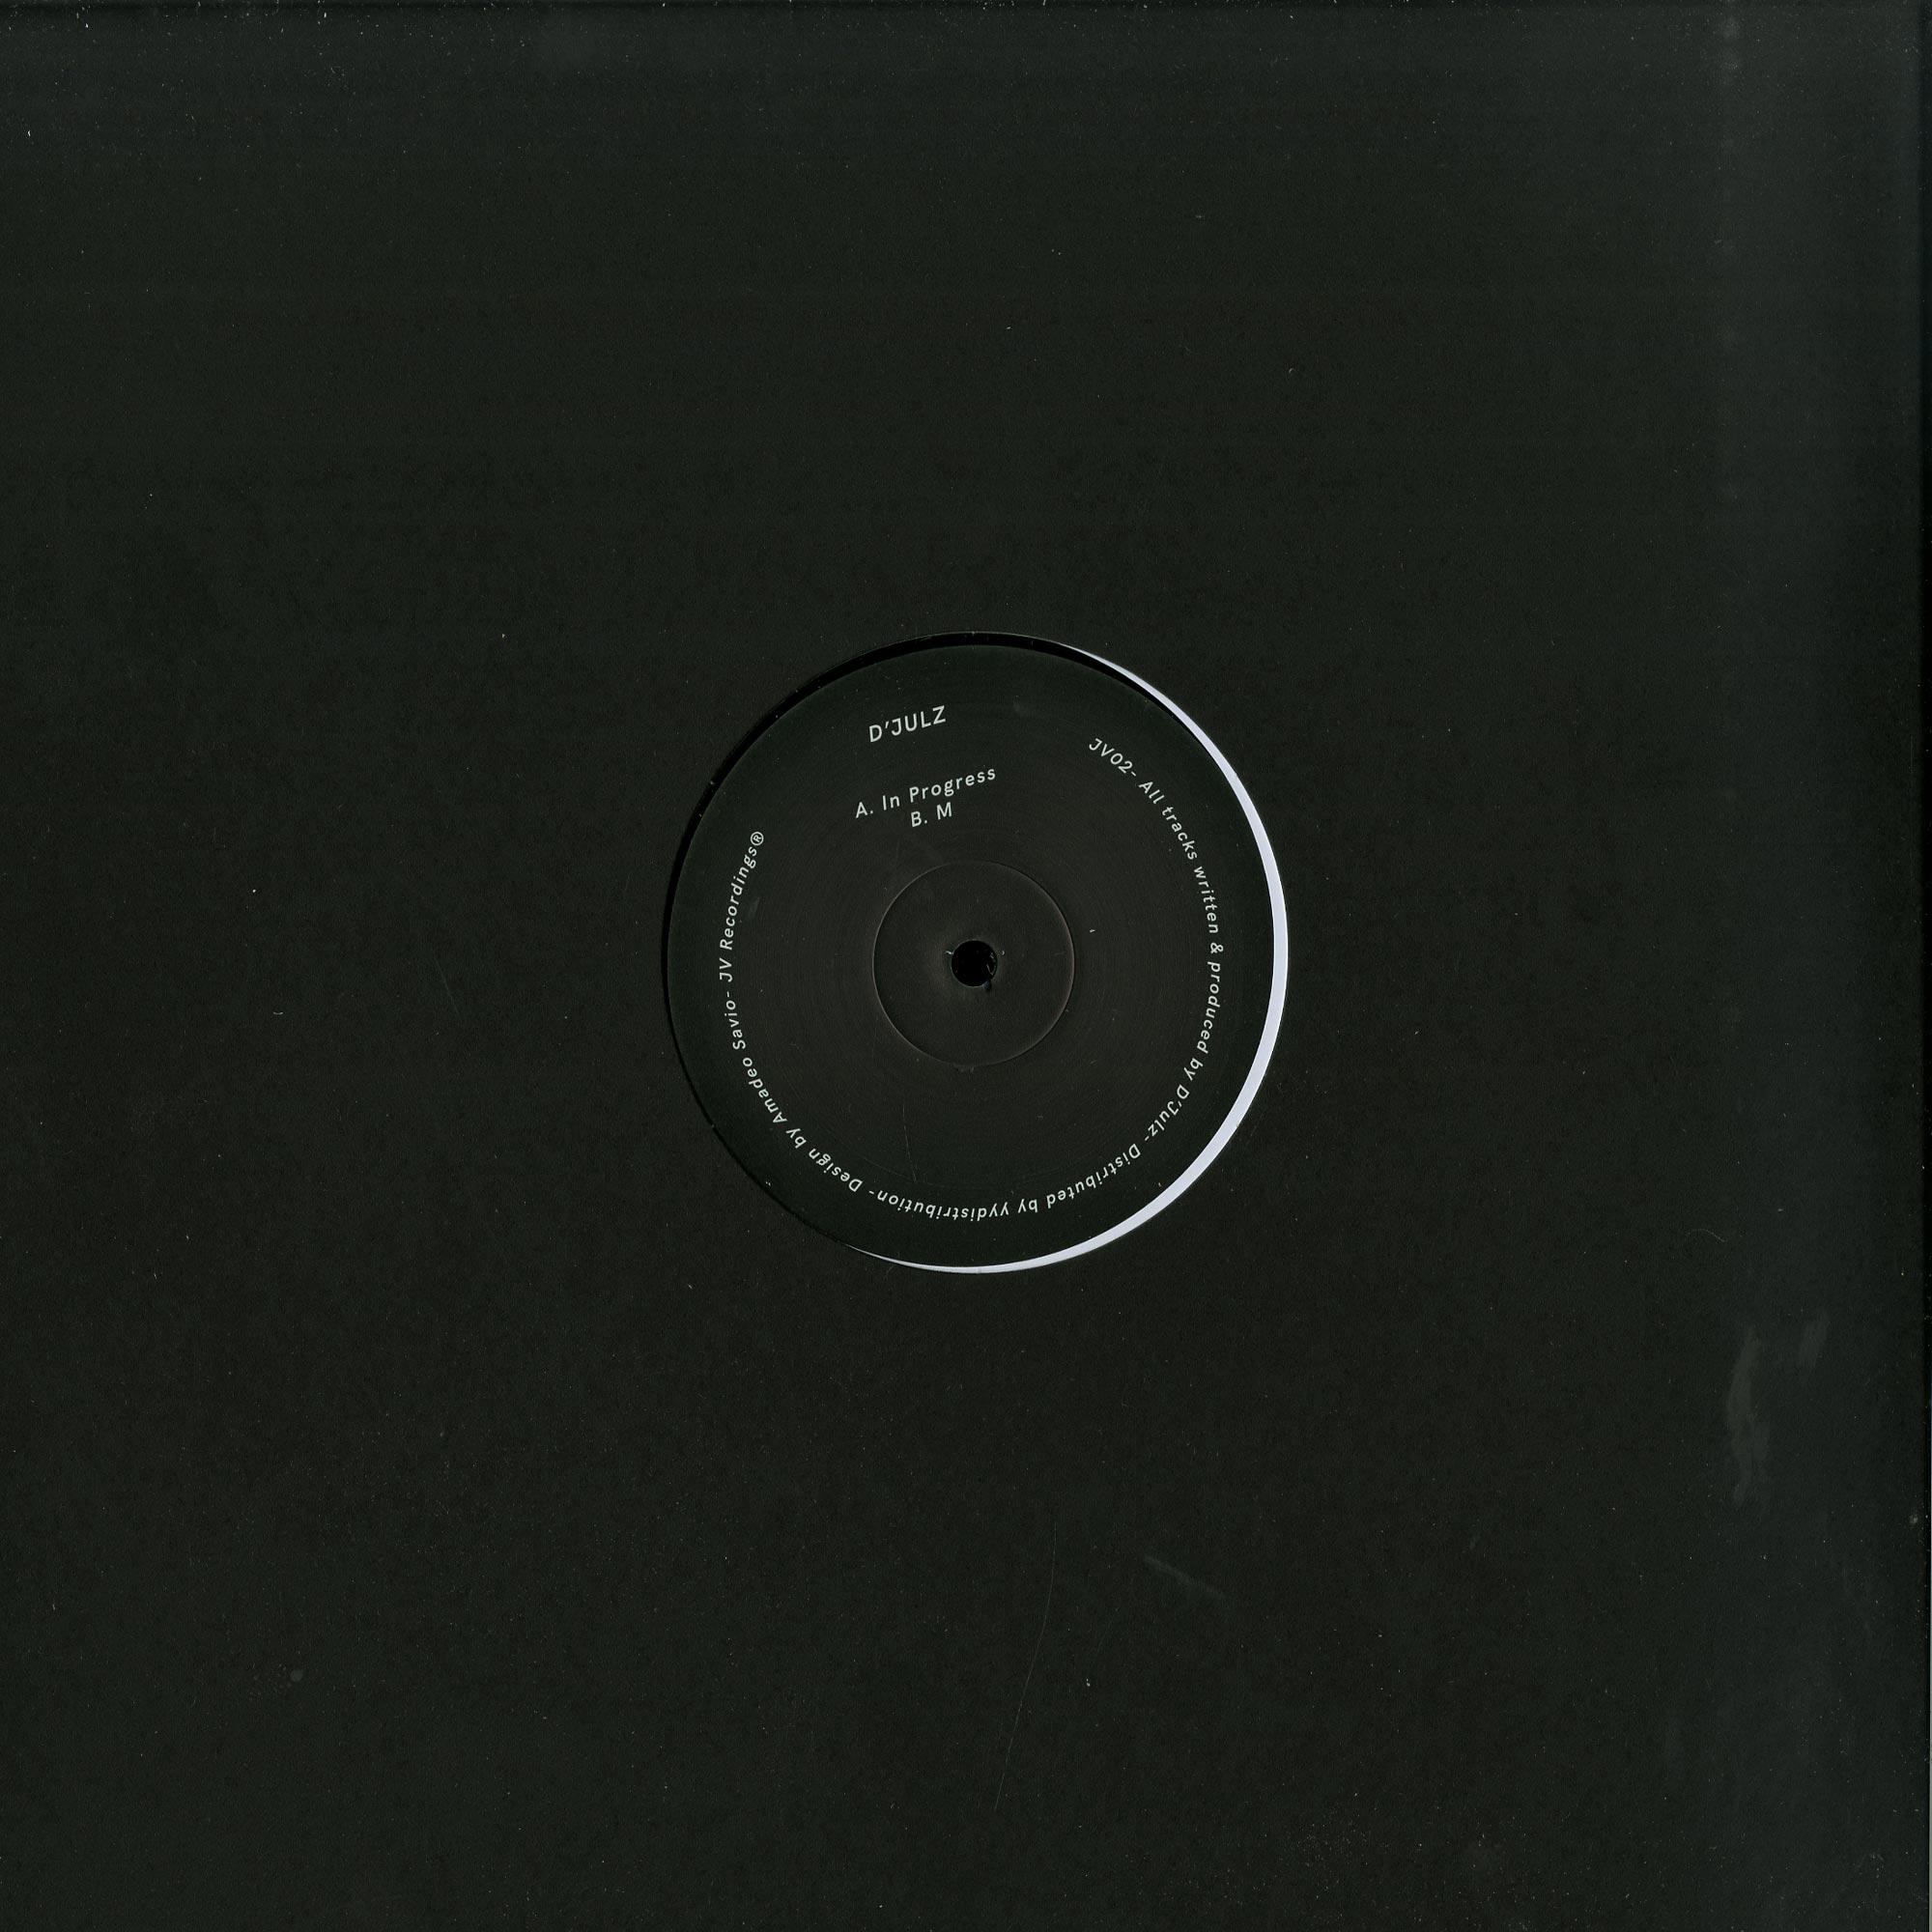 DJulz - IN PROGRESS